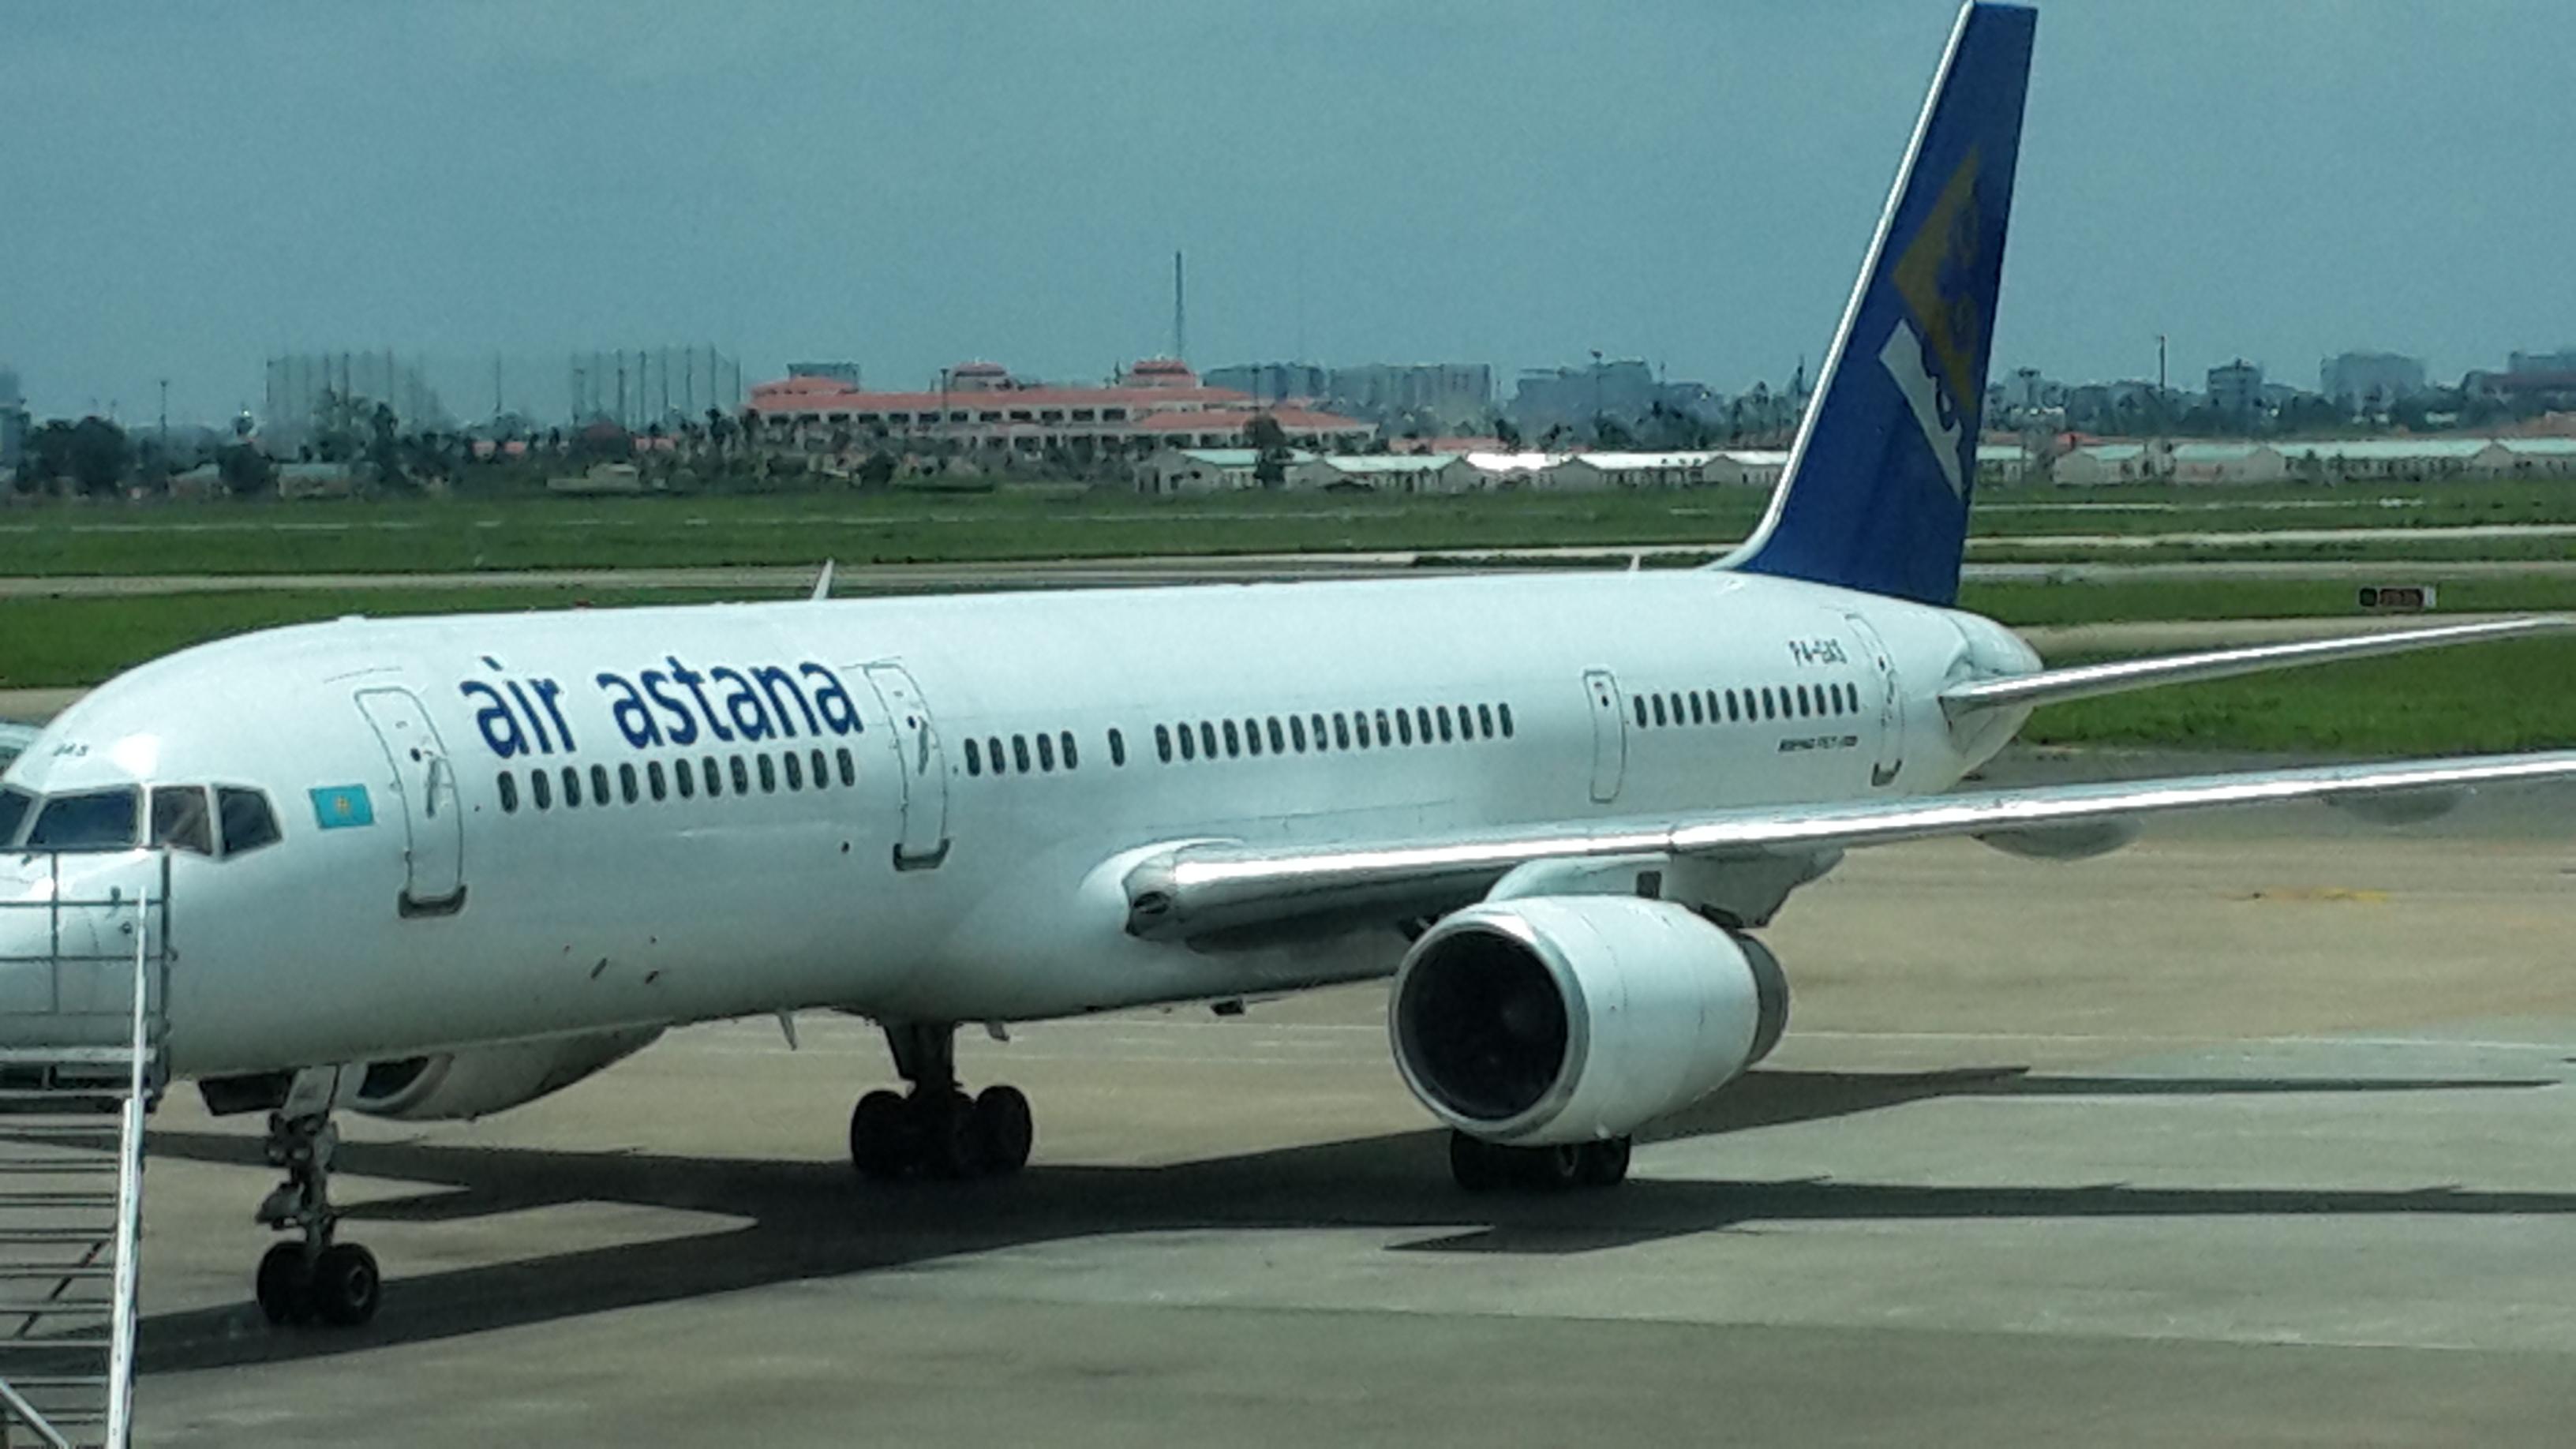 Air Astana at Tan Son Nhat Airport in Ho Chi Minh City, Vietnam.